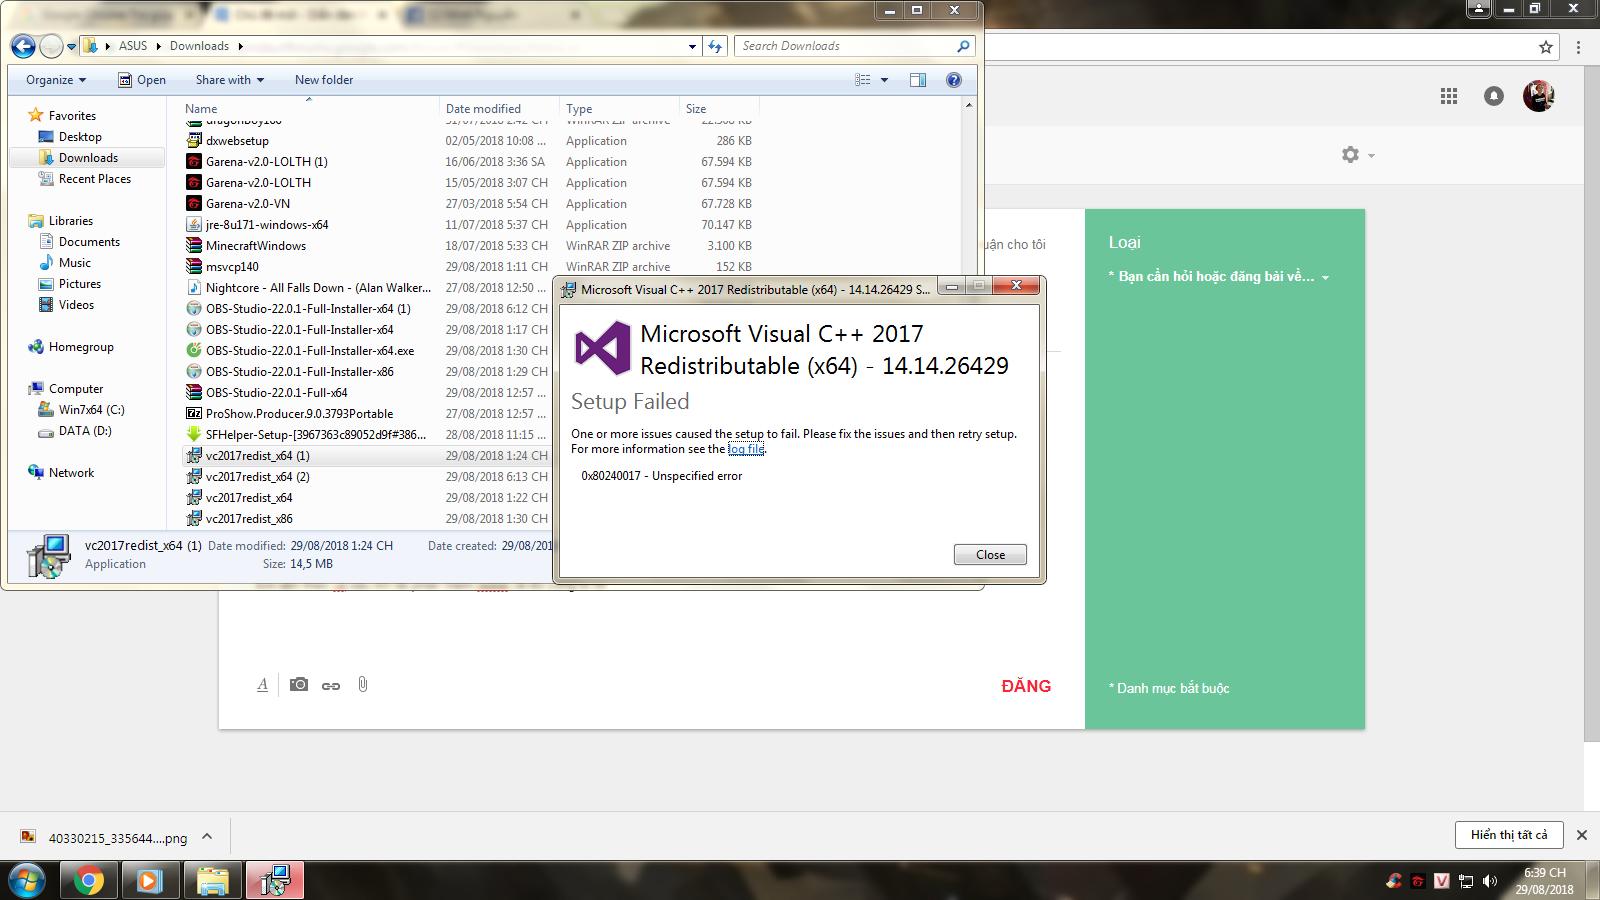 máy em gặp lỗi update phần mềm Obs  - Gmail Trợ giúp